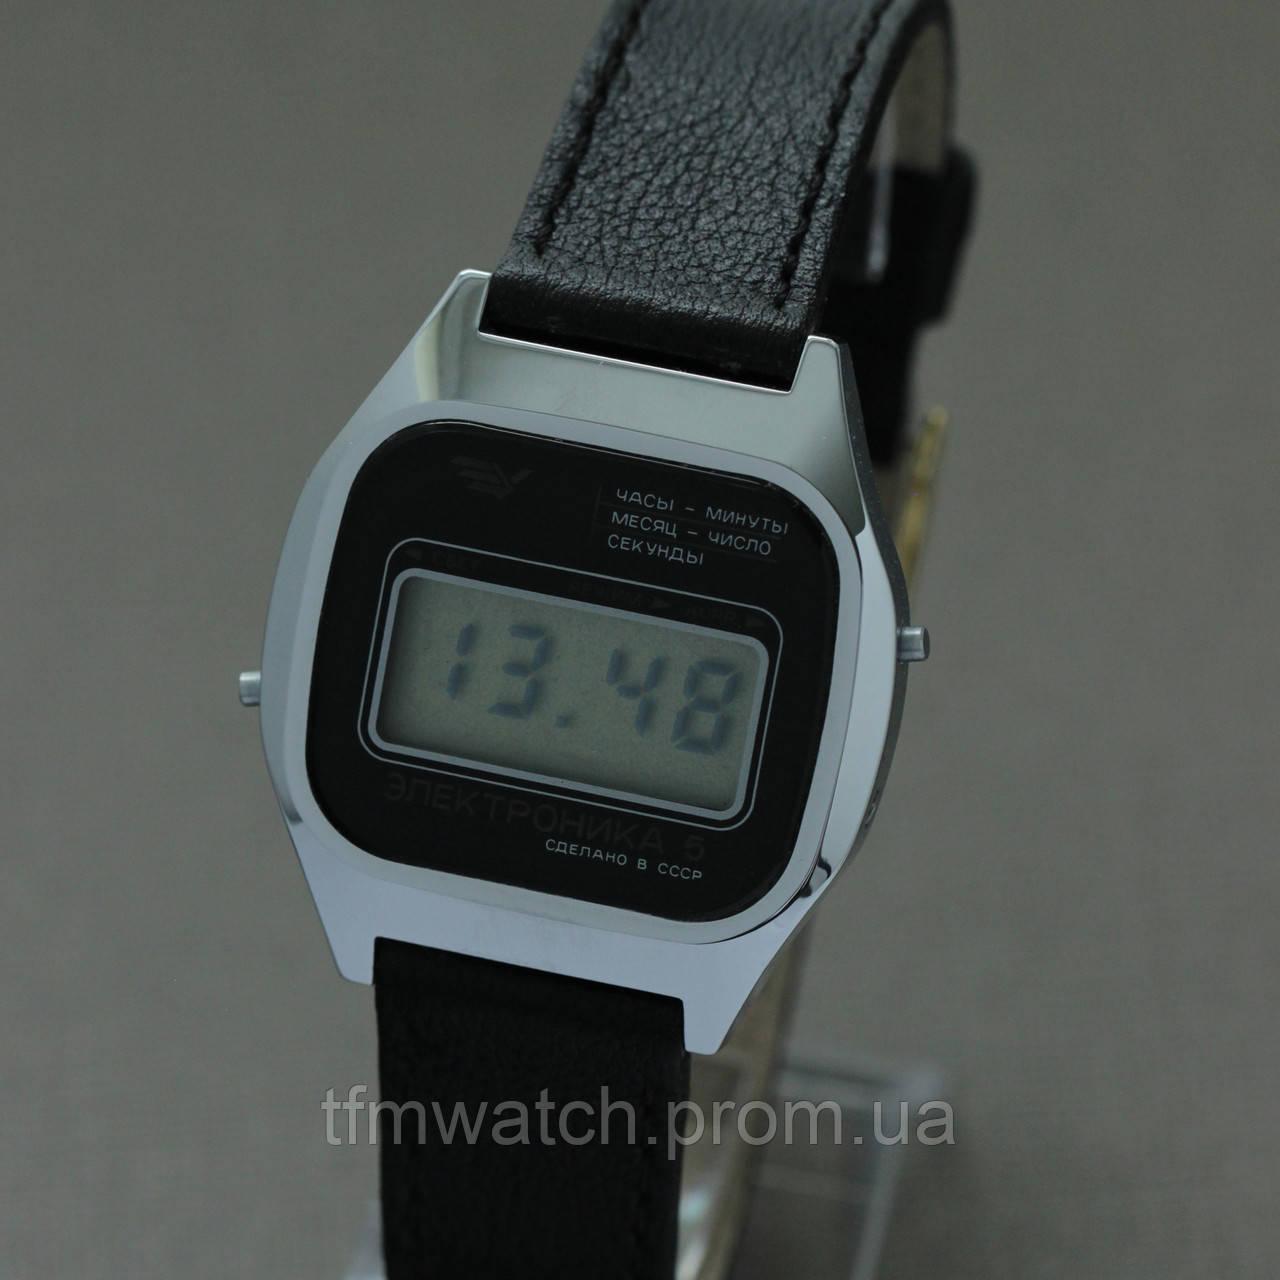 ab3222c7 Электроника 5 наручные электронные часы СССР : продажа, цена в ...